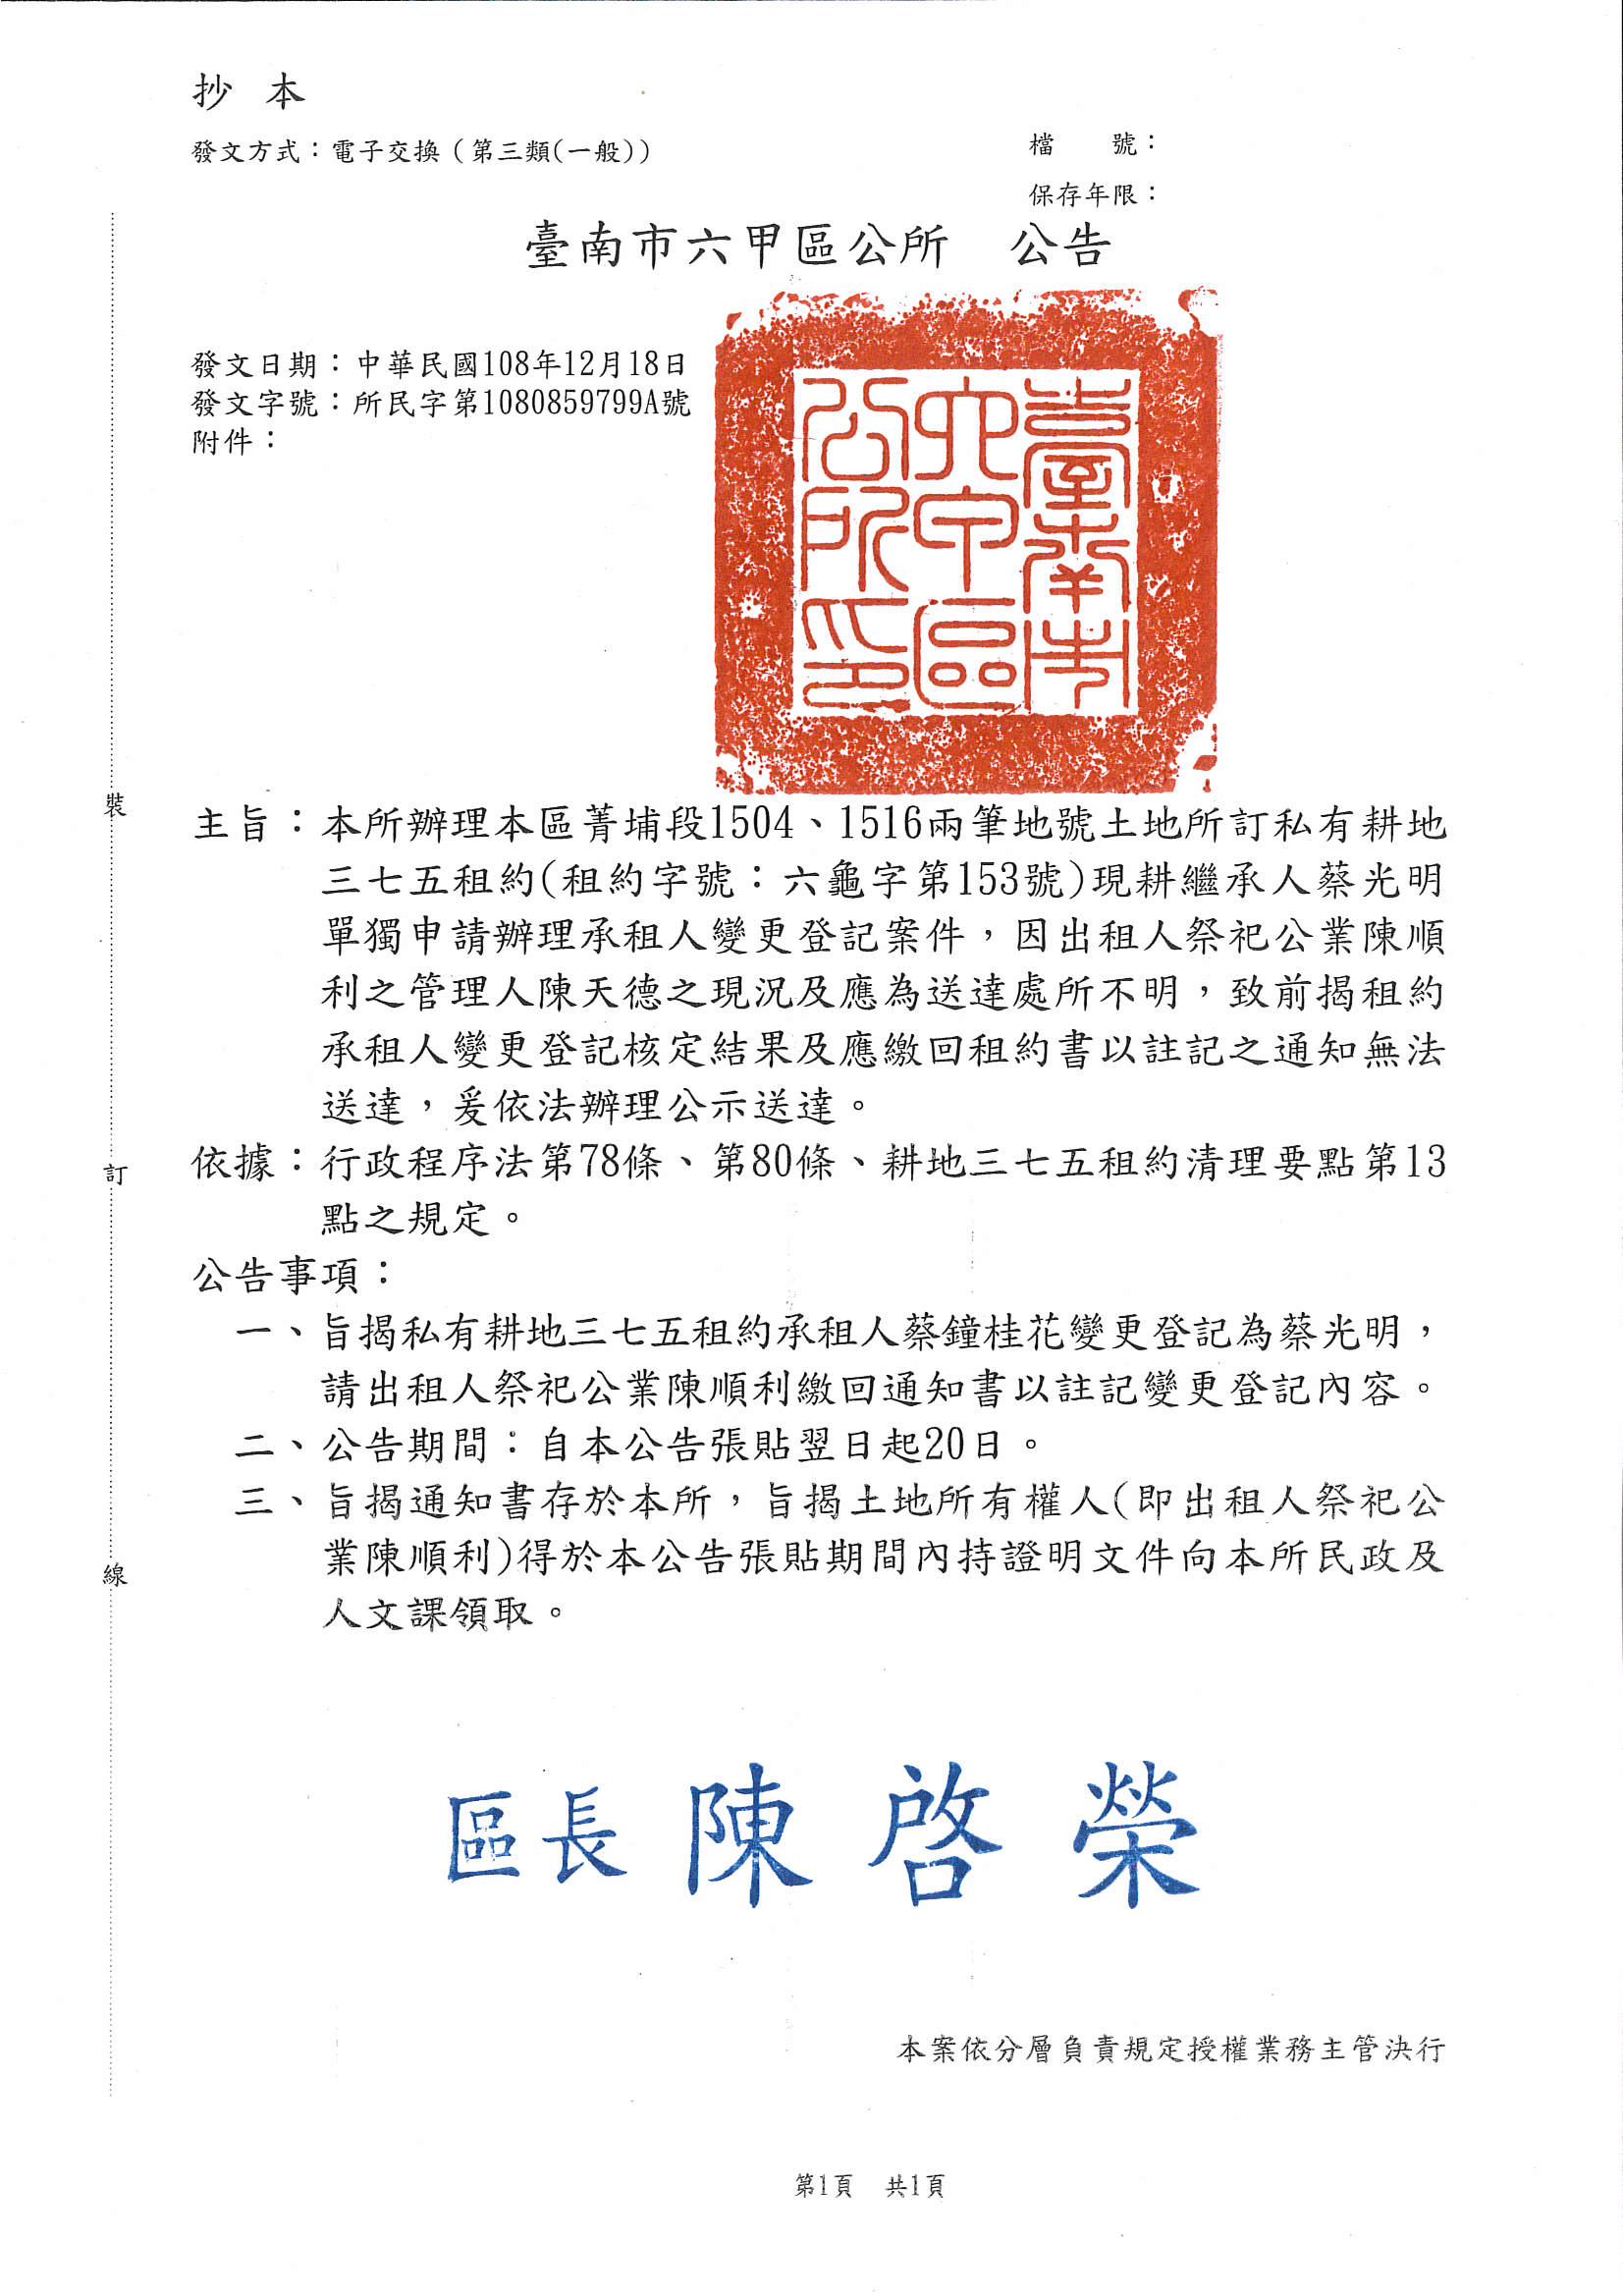 臺南市六甲區公所公示送達公告